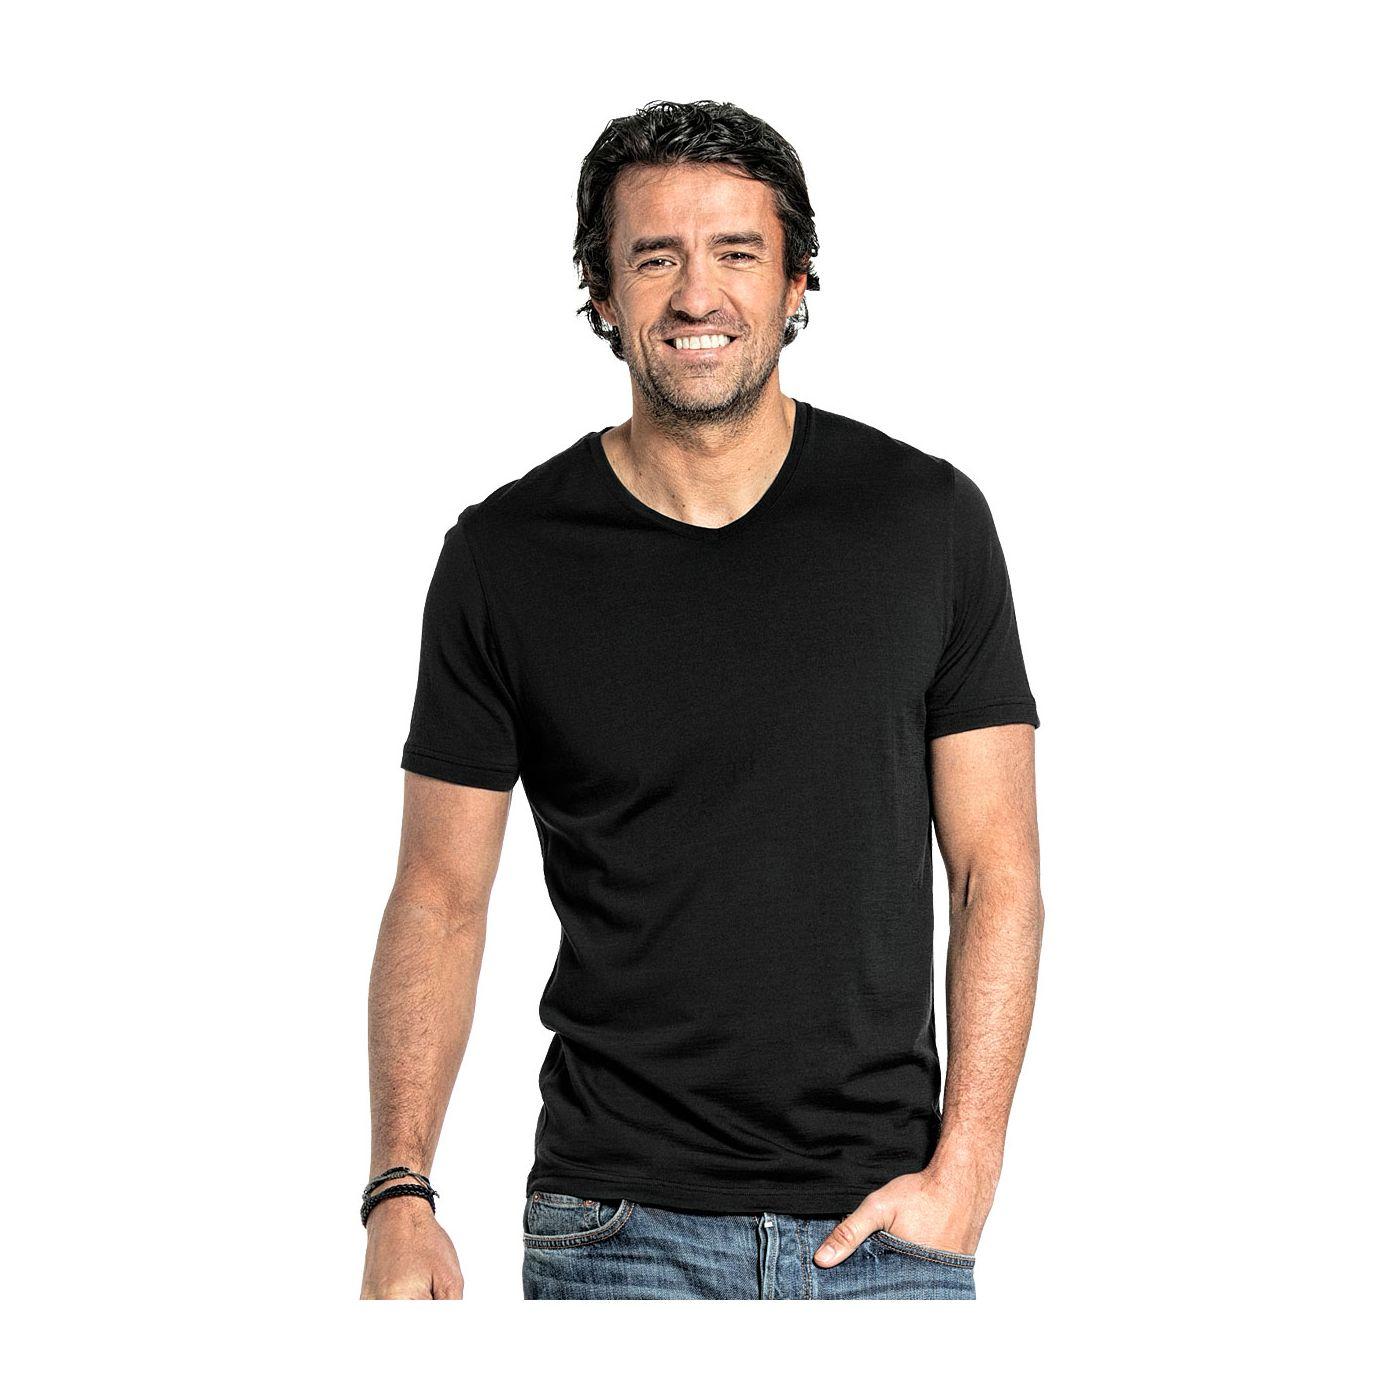 V Neck T-shirt for men made of Merino wool in Black